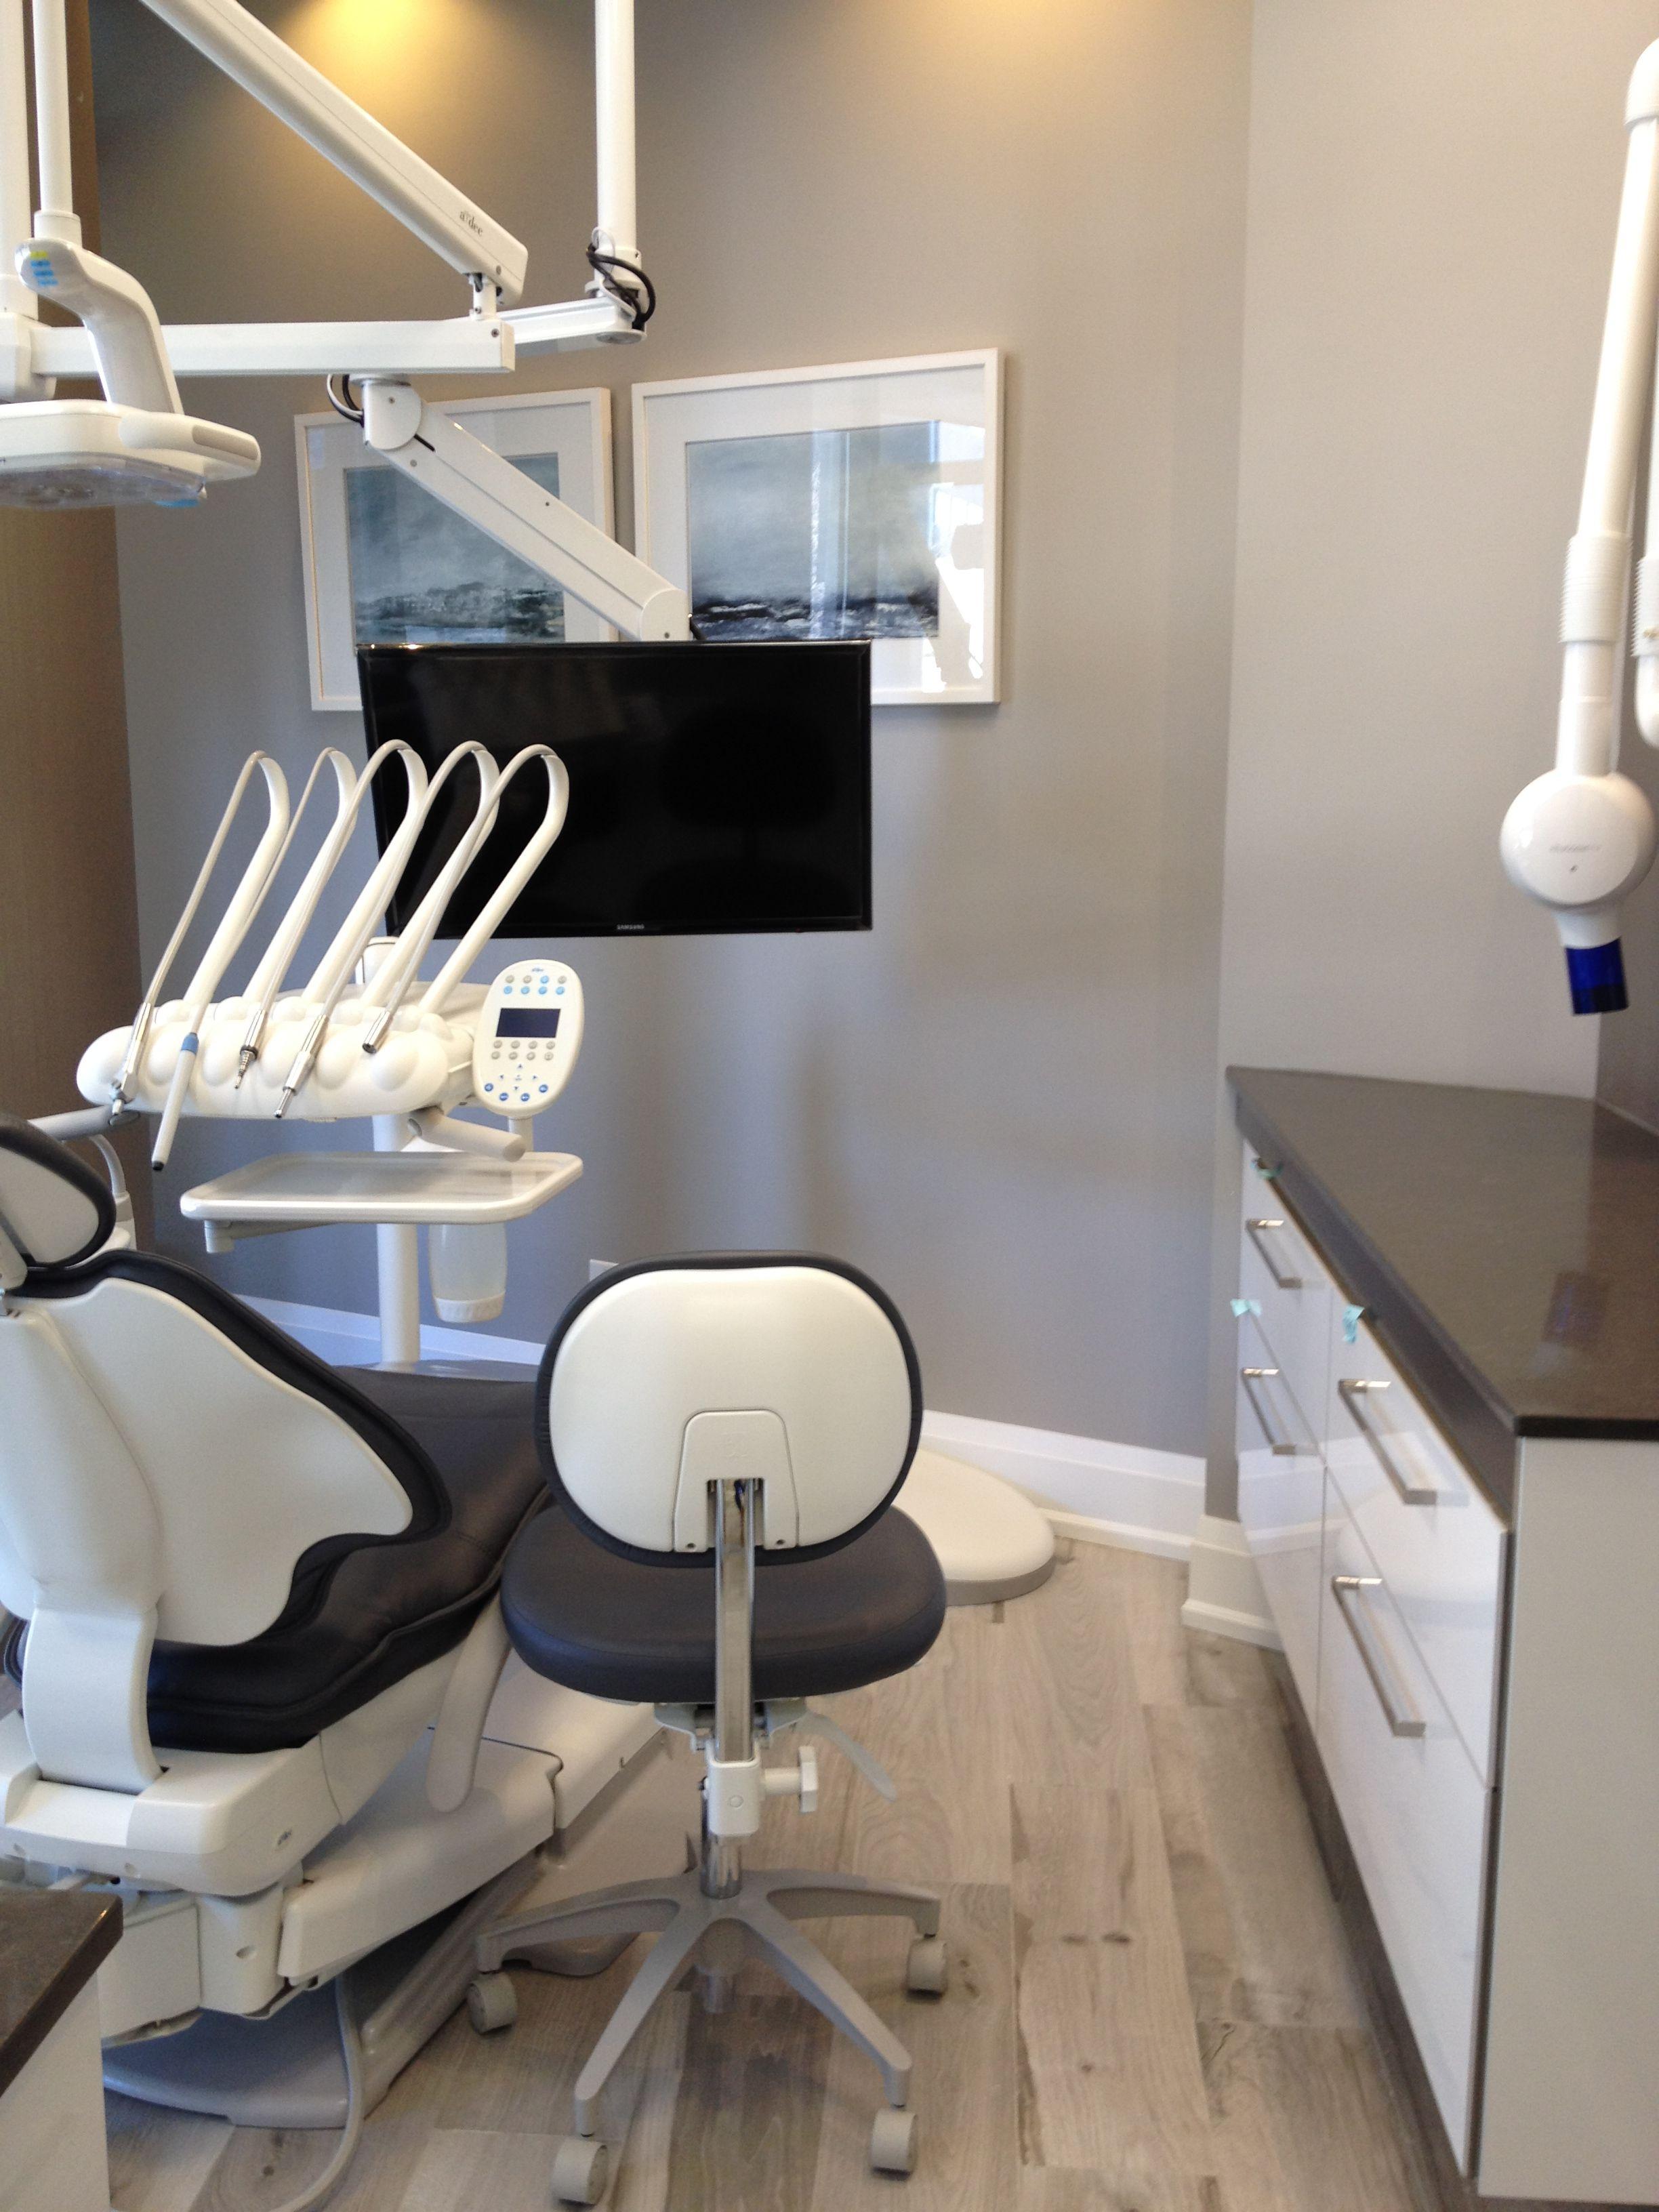 Dental Office -dec 500 Dentaal Denta